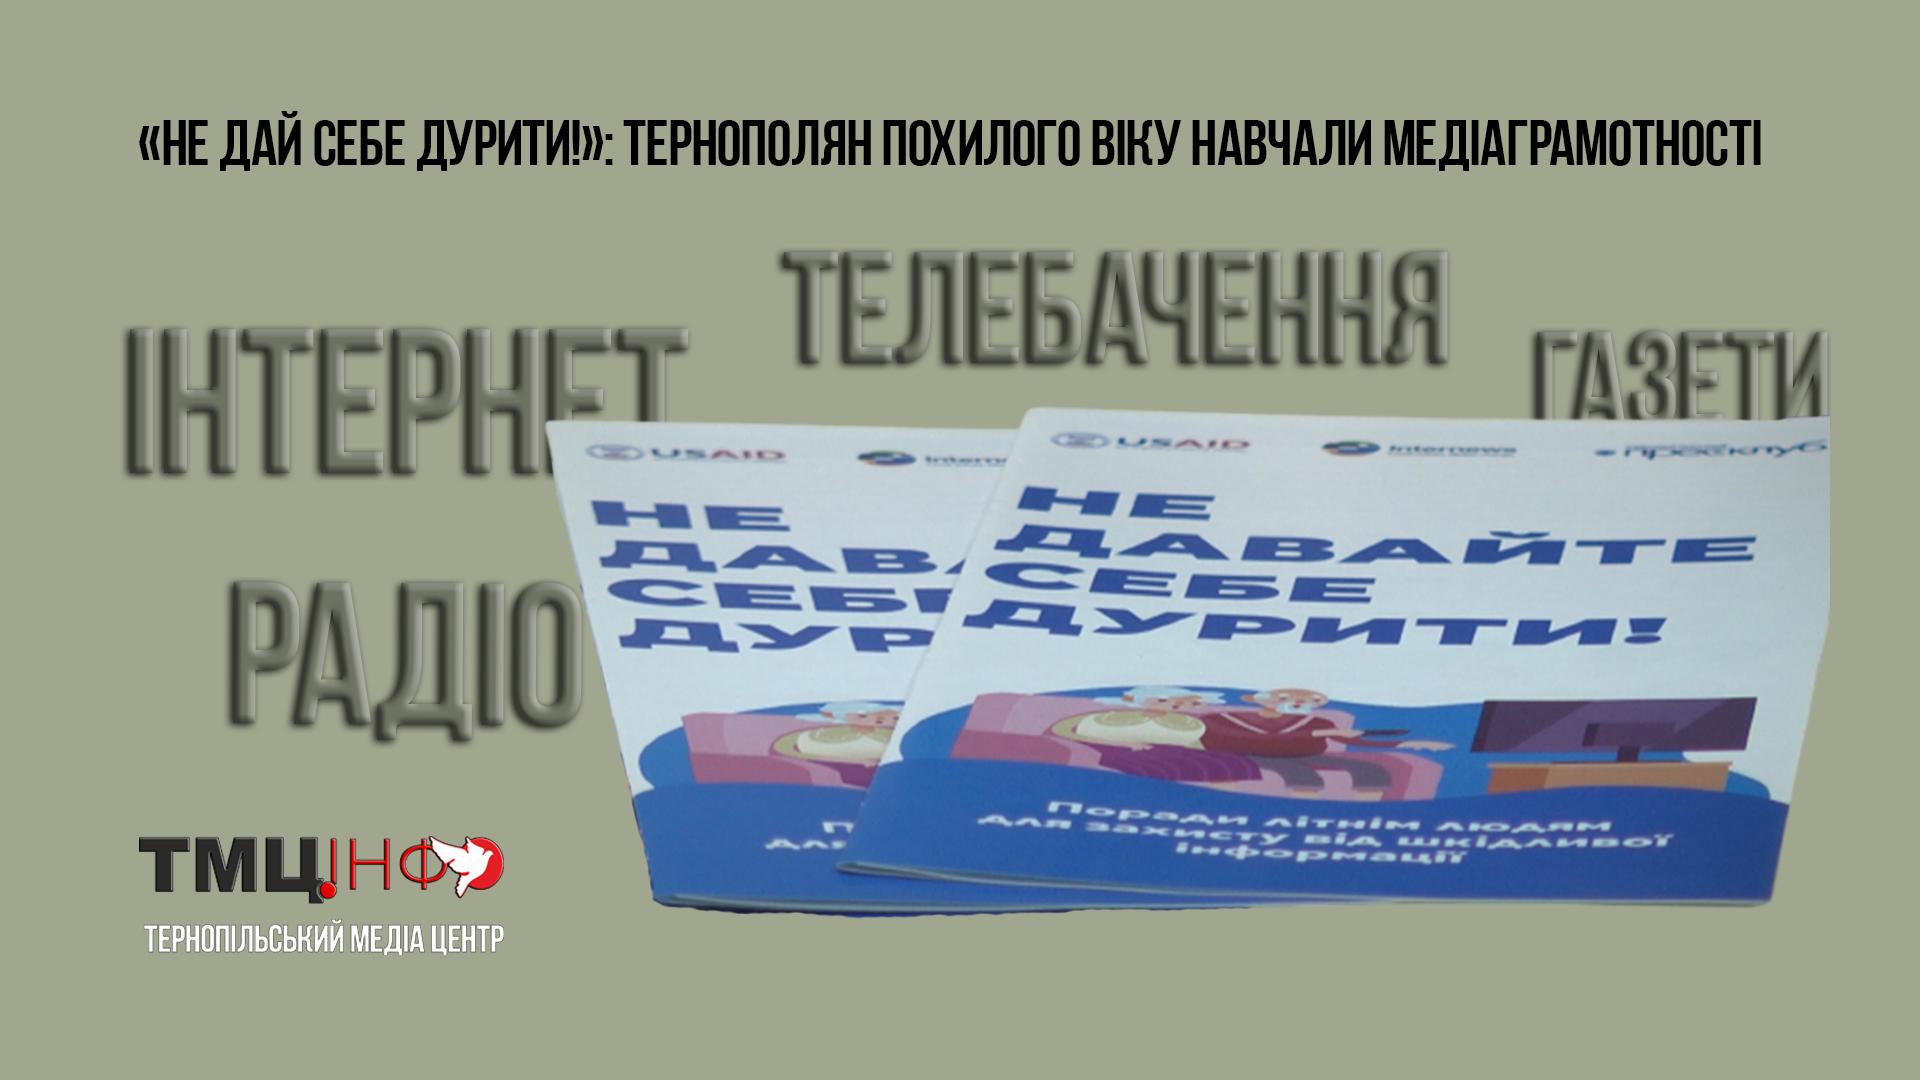 «Не дай себе дурити!»: тернополян похилого віку навчали медіаграмотності